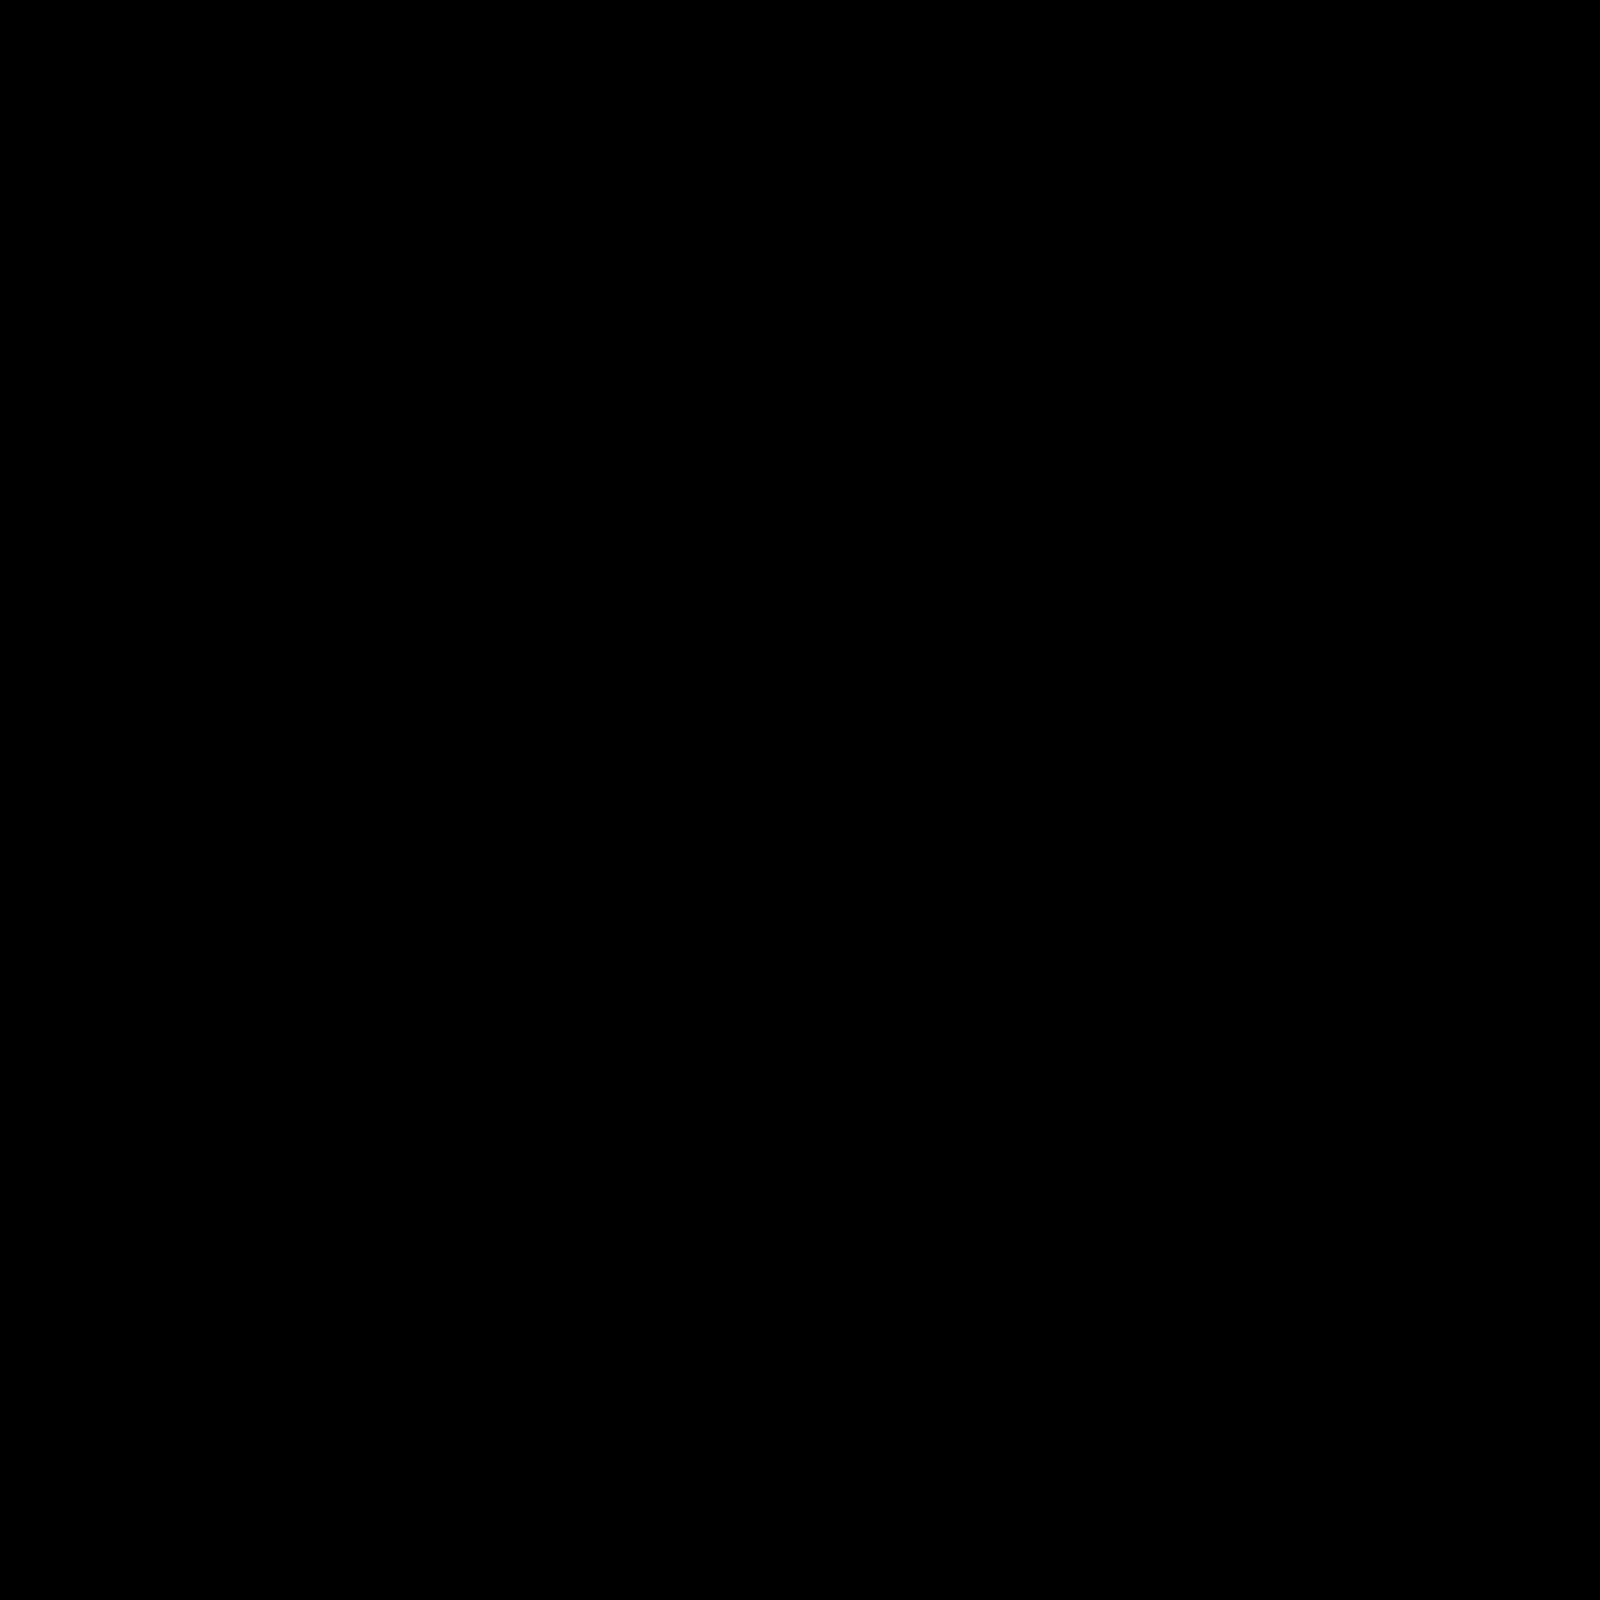 Merkur Zeichen